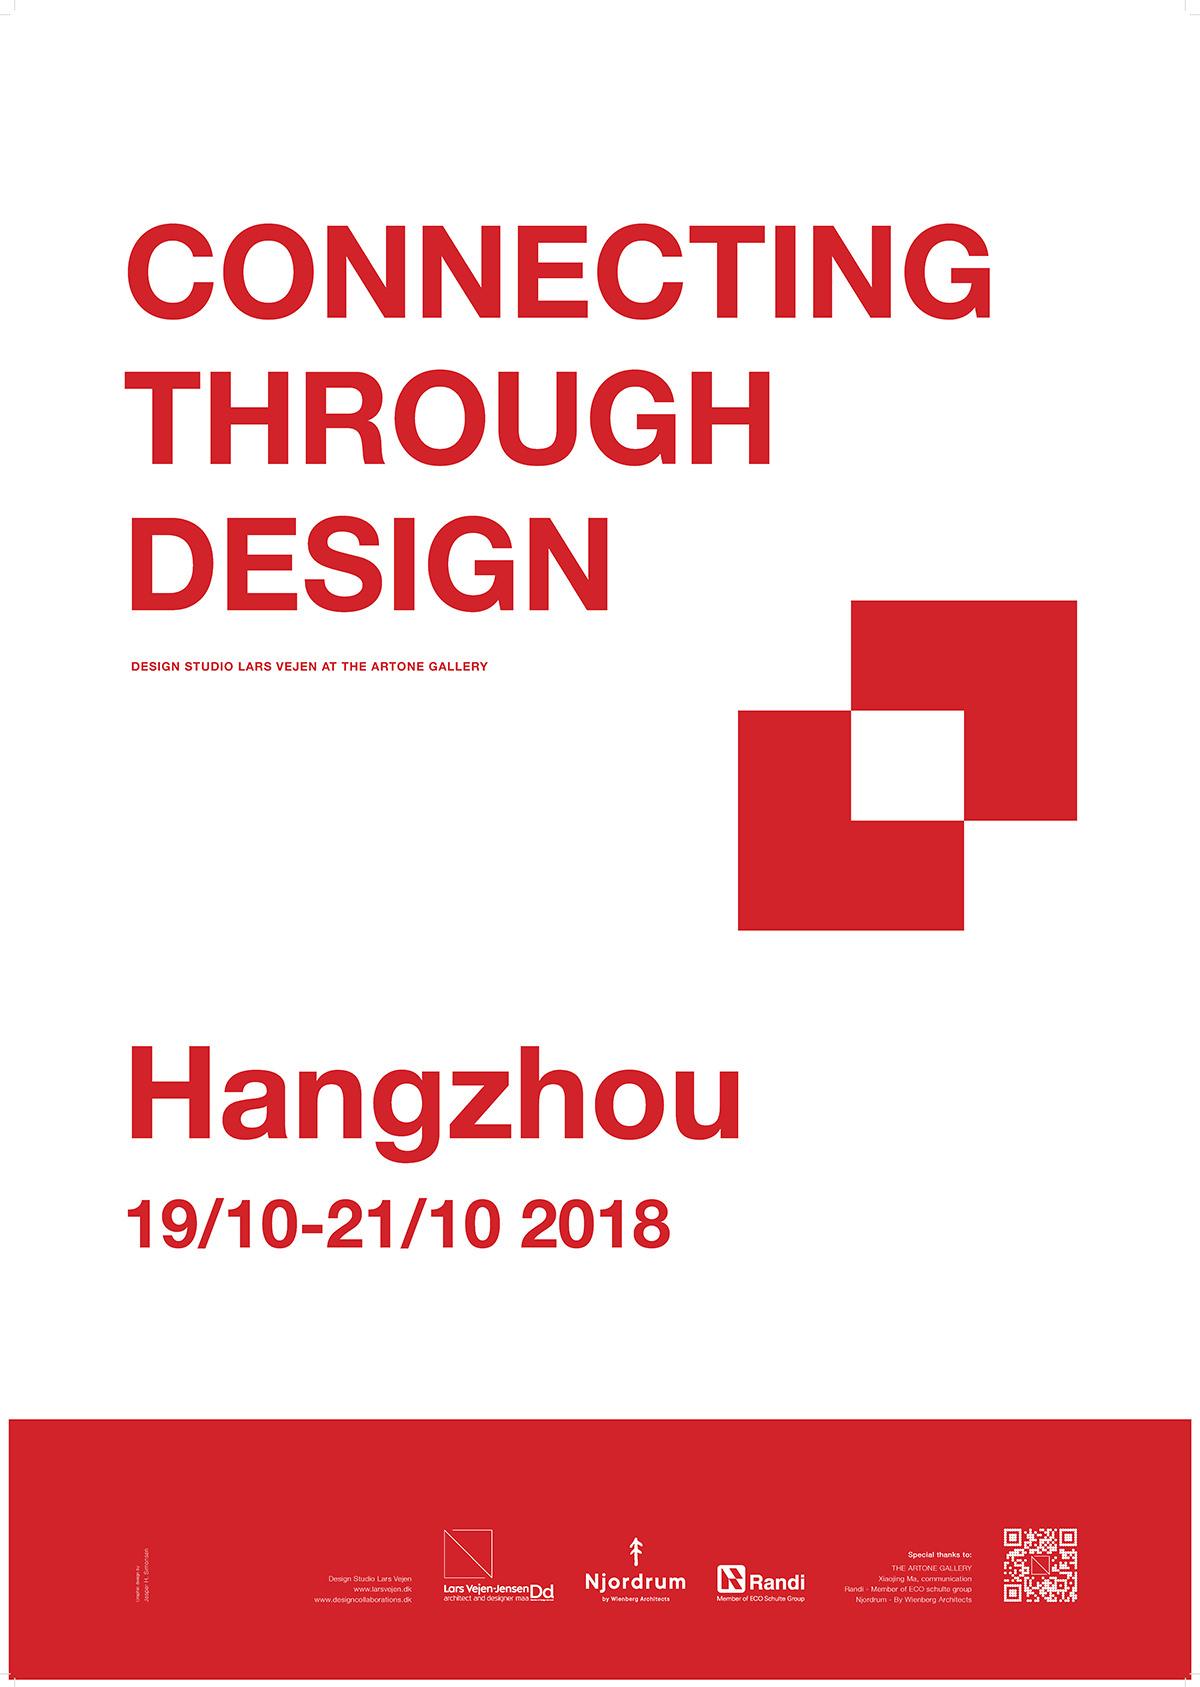 Lars Vejen at ARTONE gallery Hangzhou Poster_EN_2